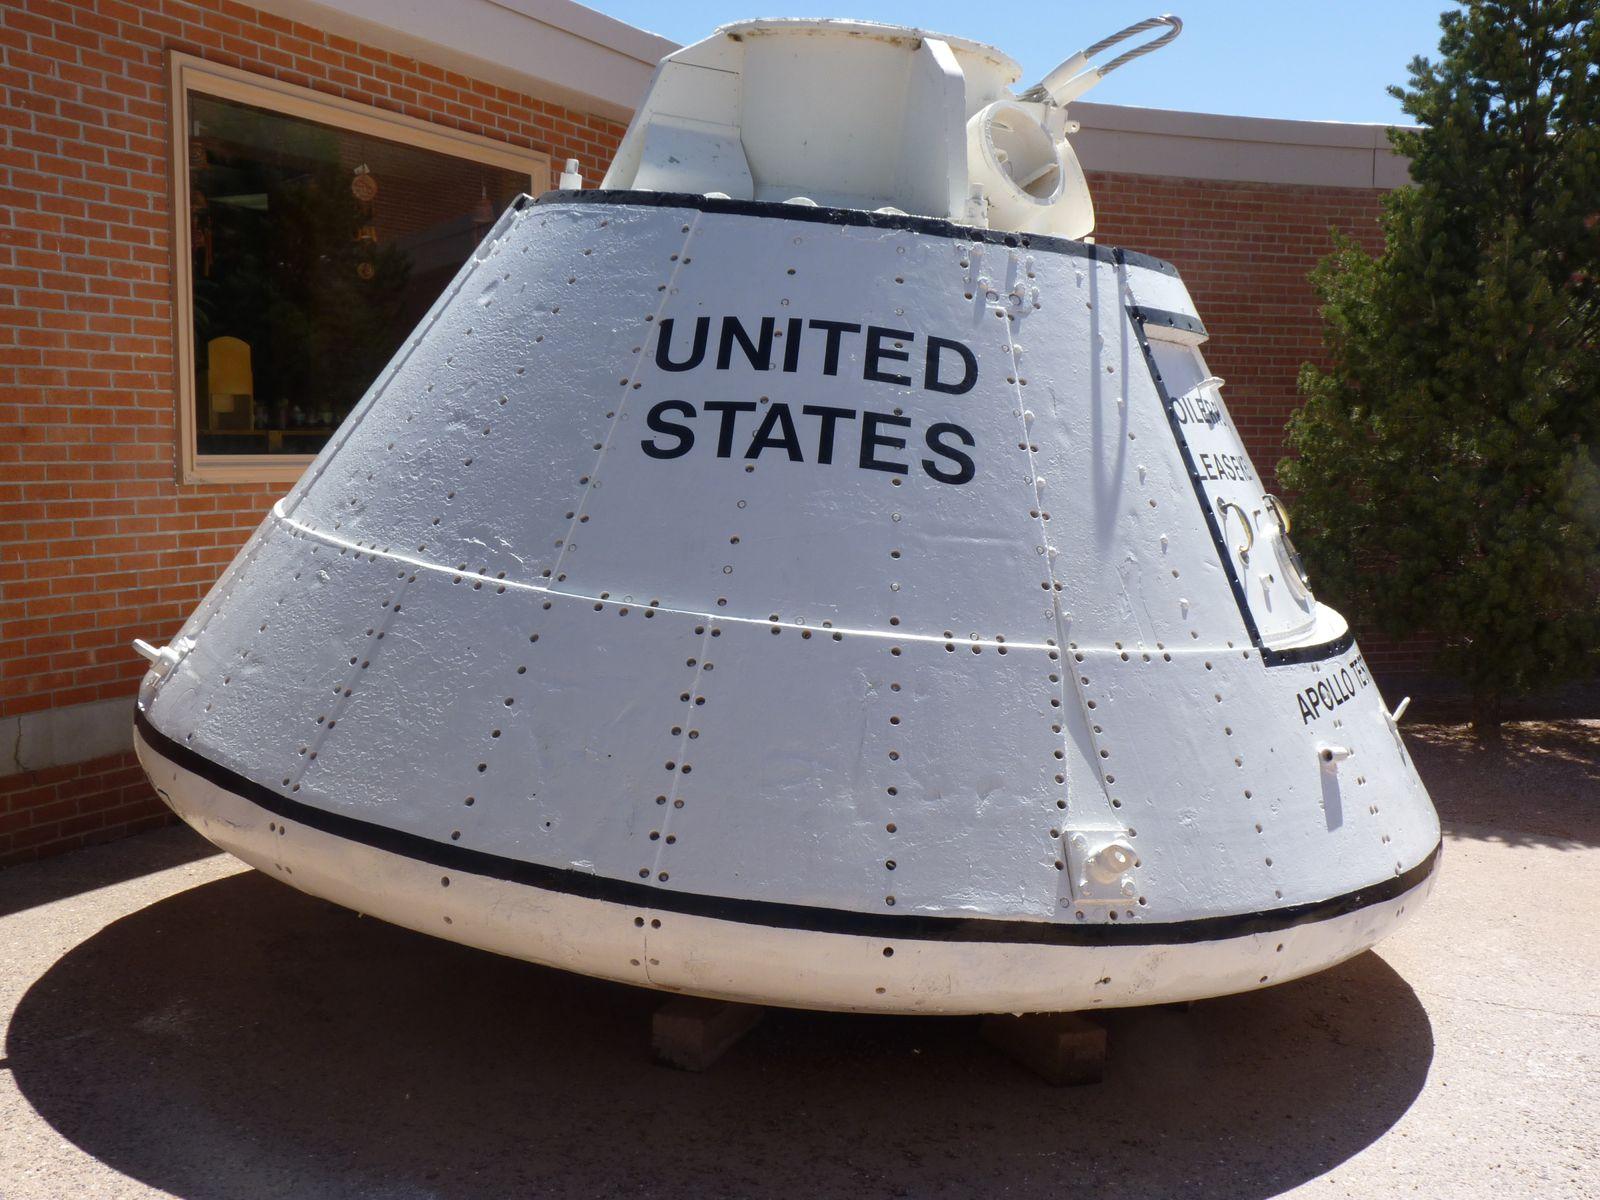 Le site de Meteor Crater grandiose, il fut une des bases d'entrainement de la mission Apollo 11.